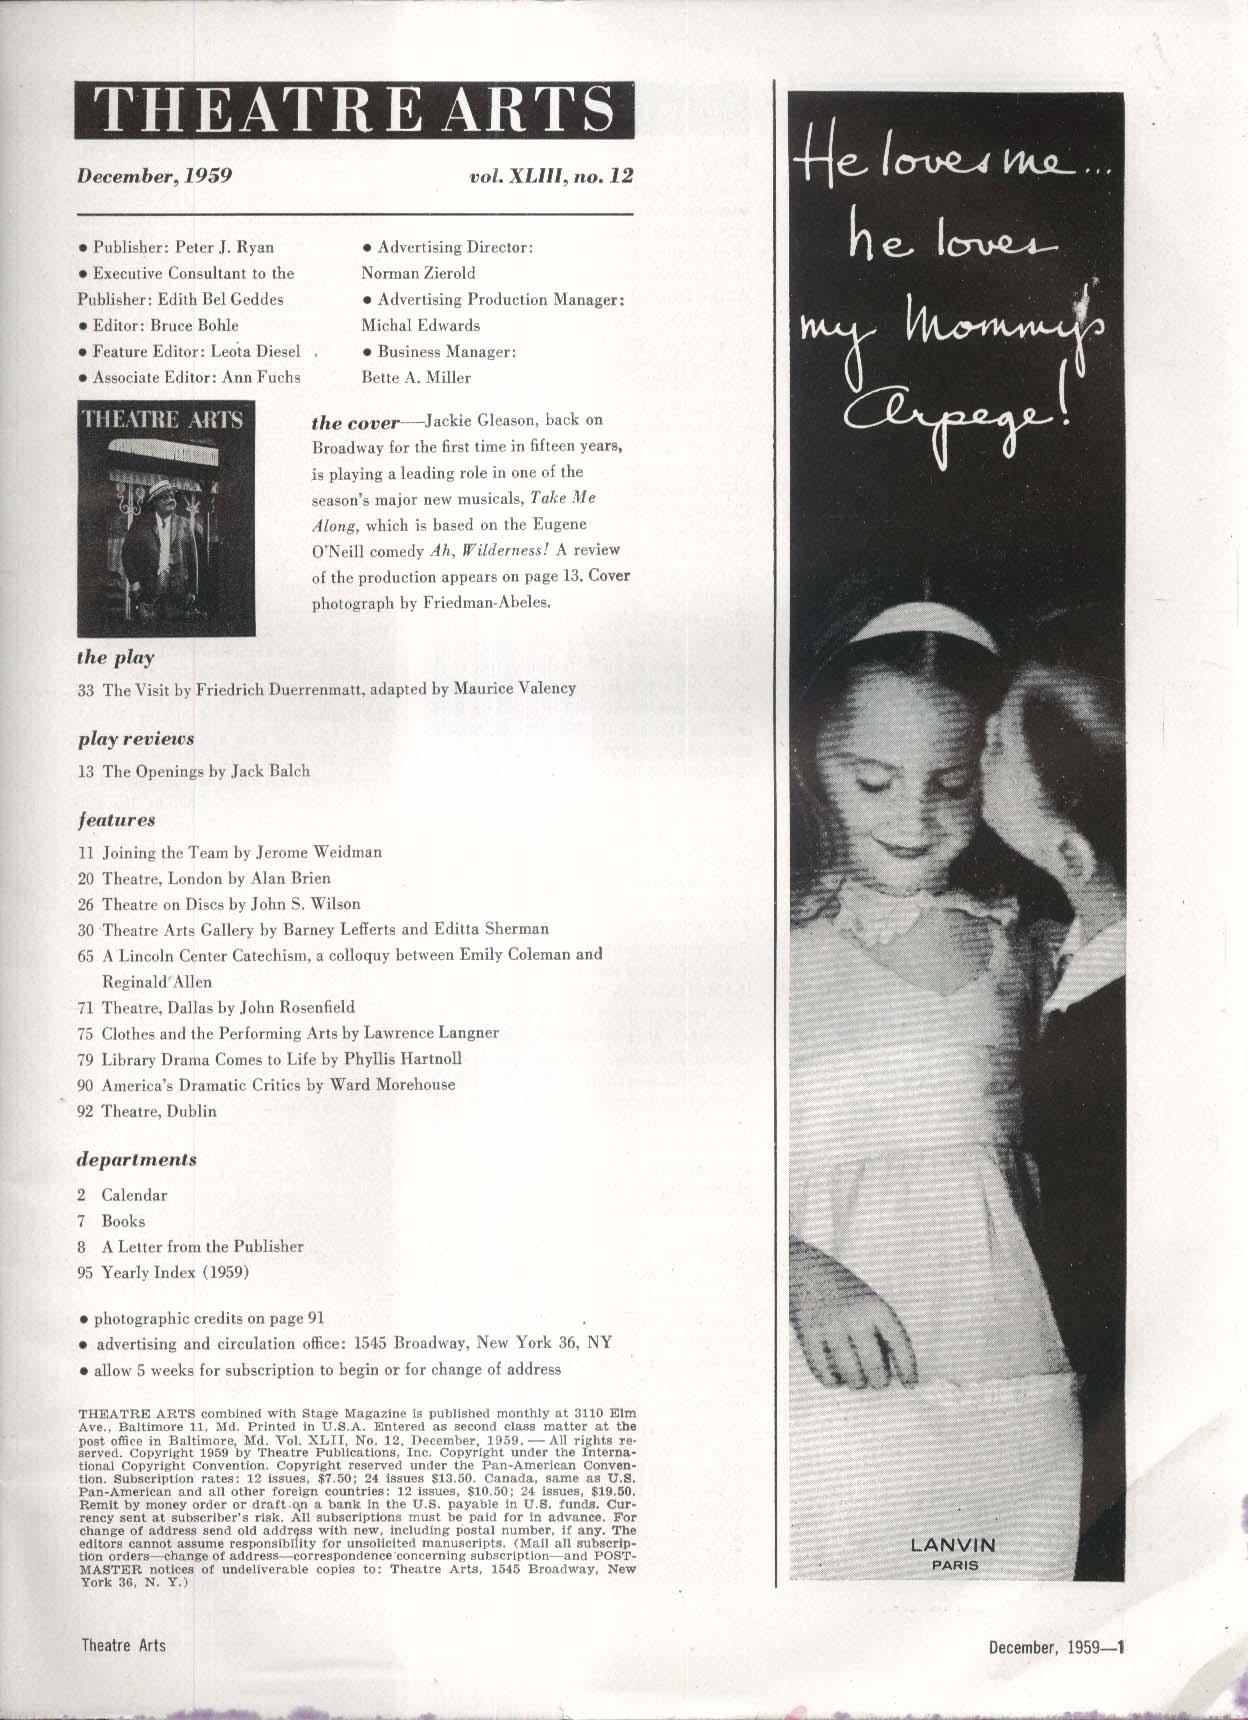 THEATRE ARTS Jackie Gleason Jerome Weidman John Rosenfield + 12 1959